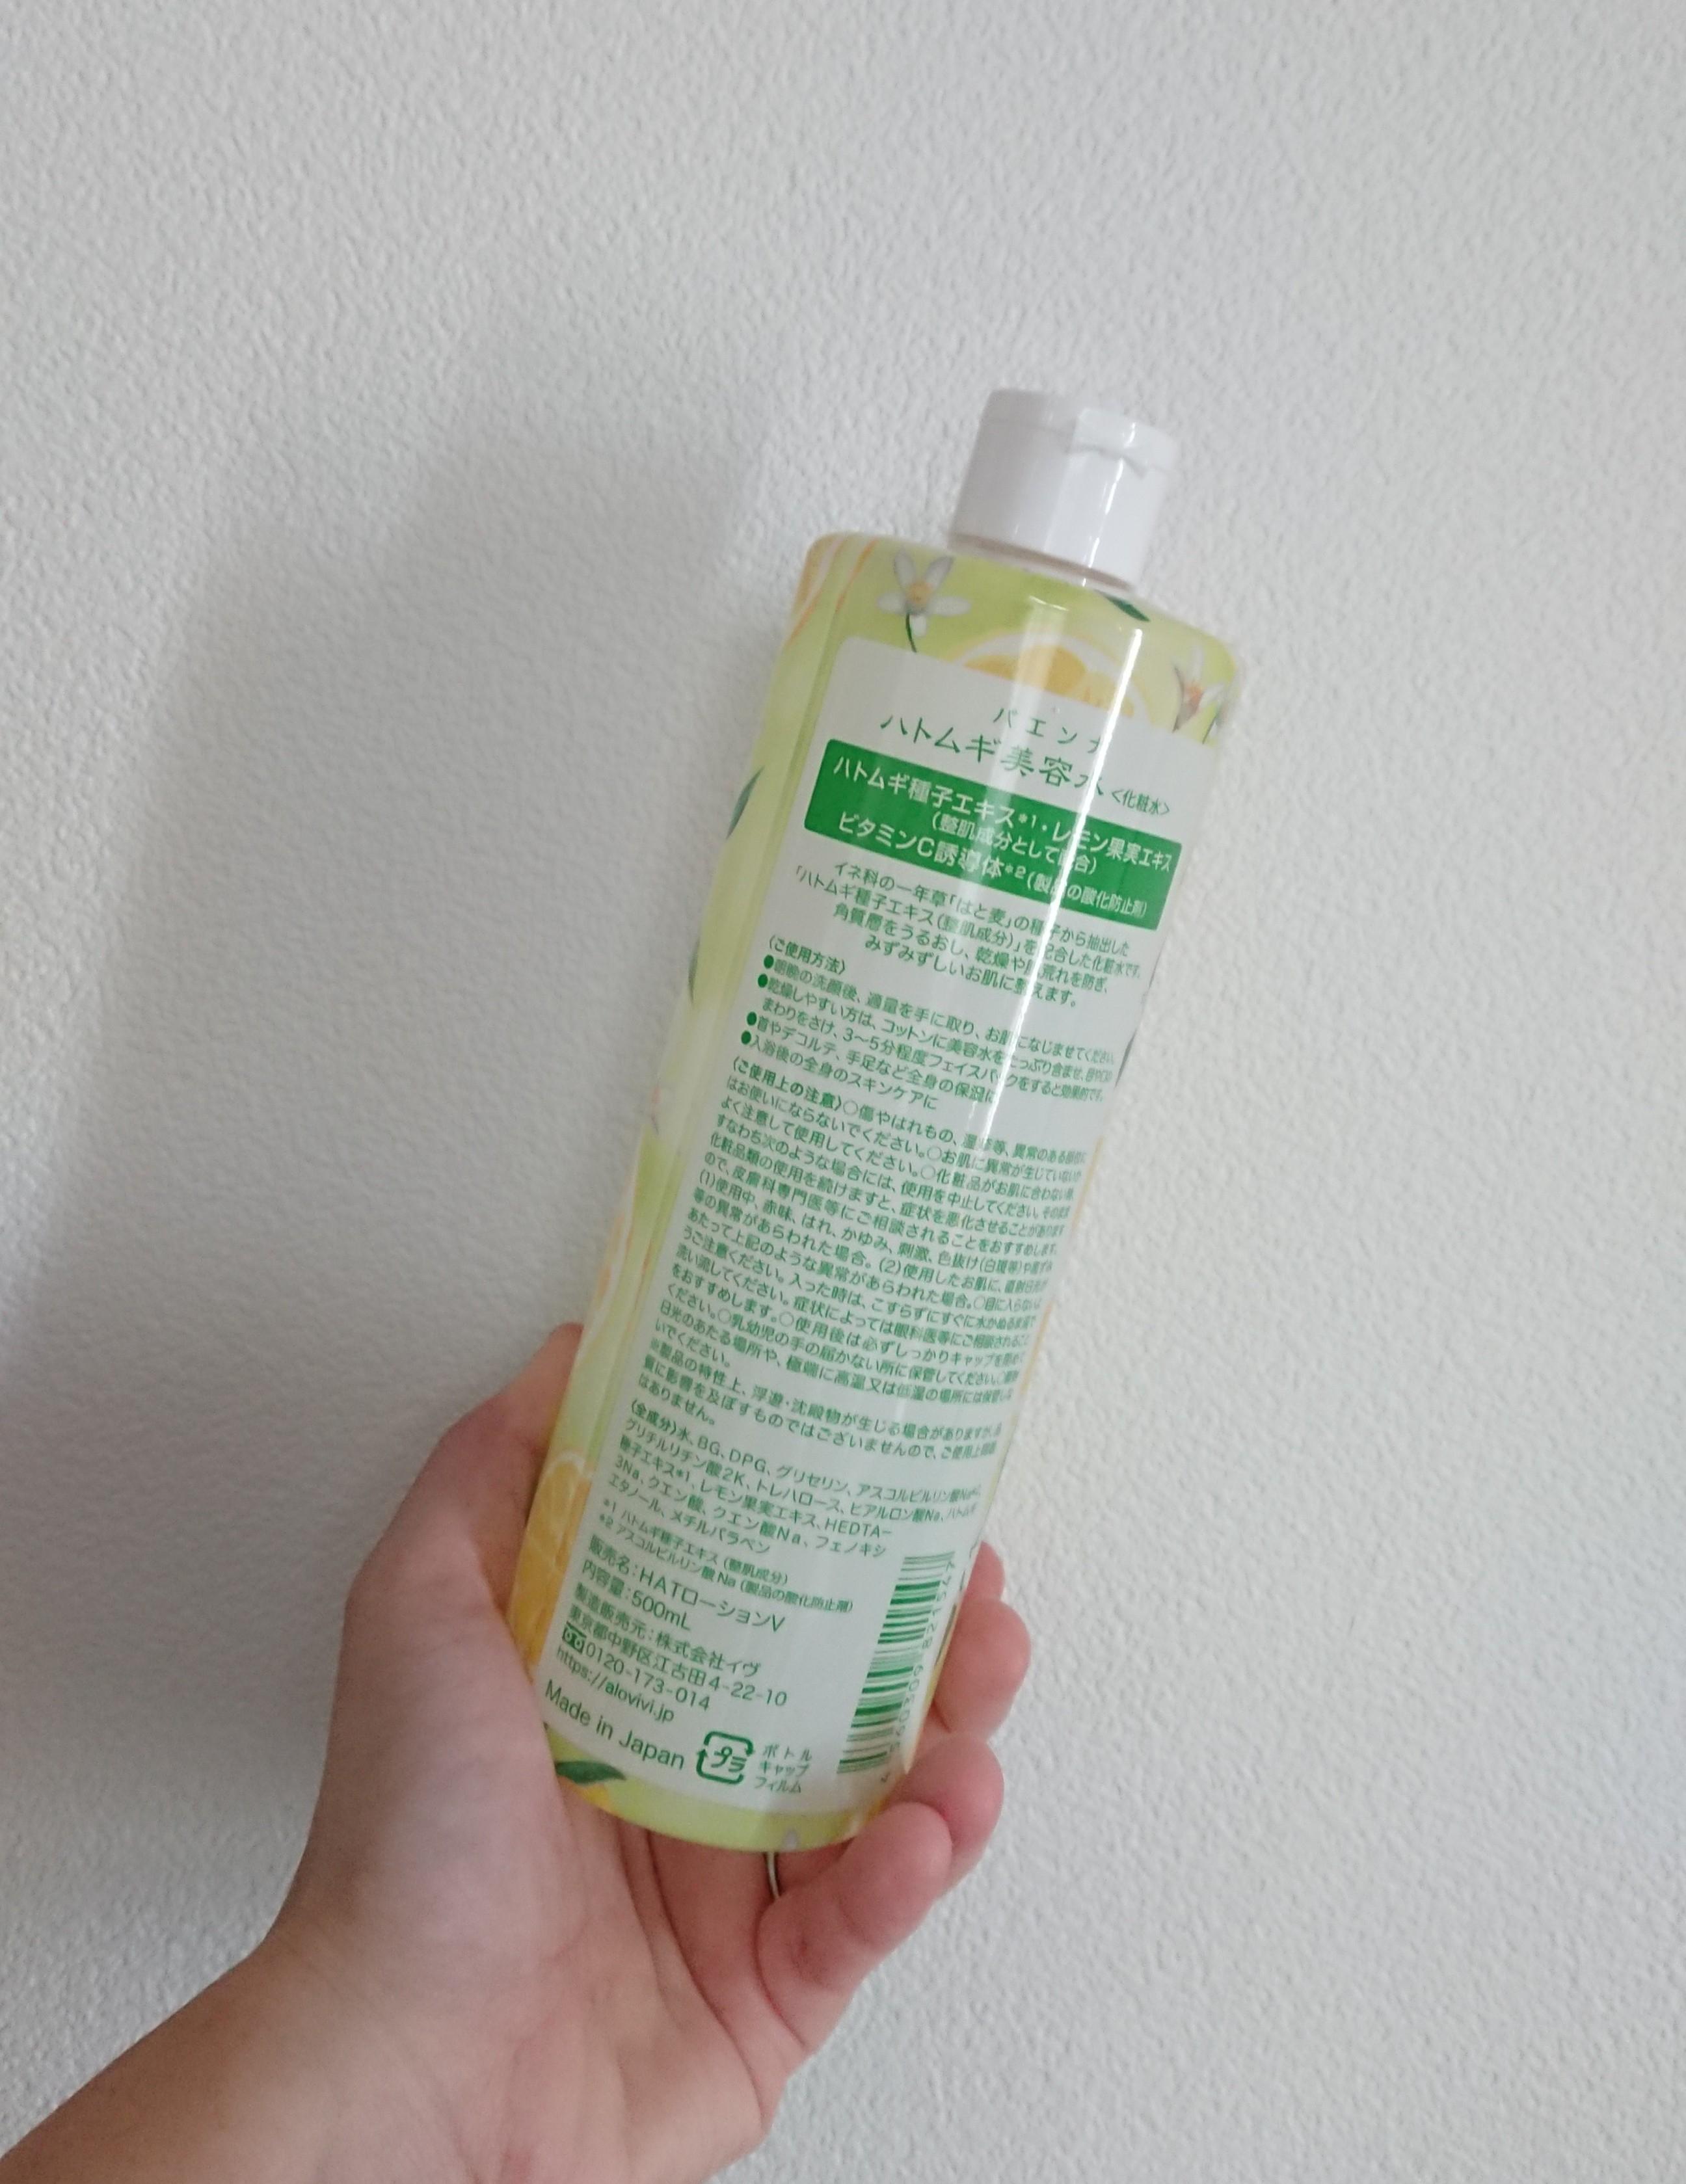 パエンナ ハトムギ美容水inビタミンC誘導体の良い点・メリットに関する恵未さんの口コミ画像2